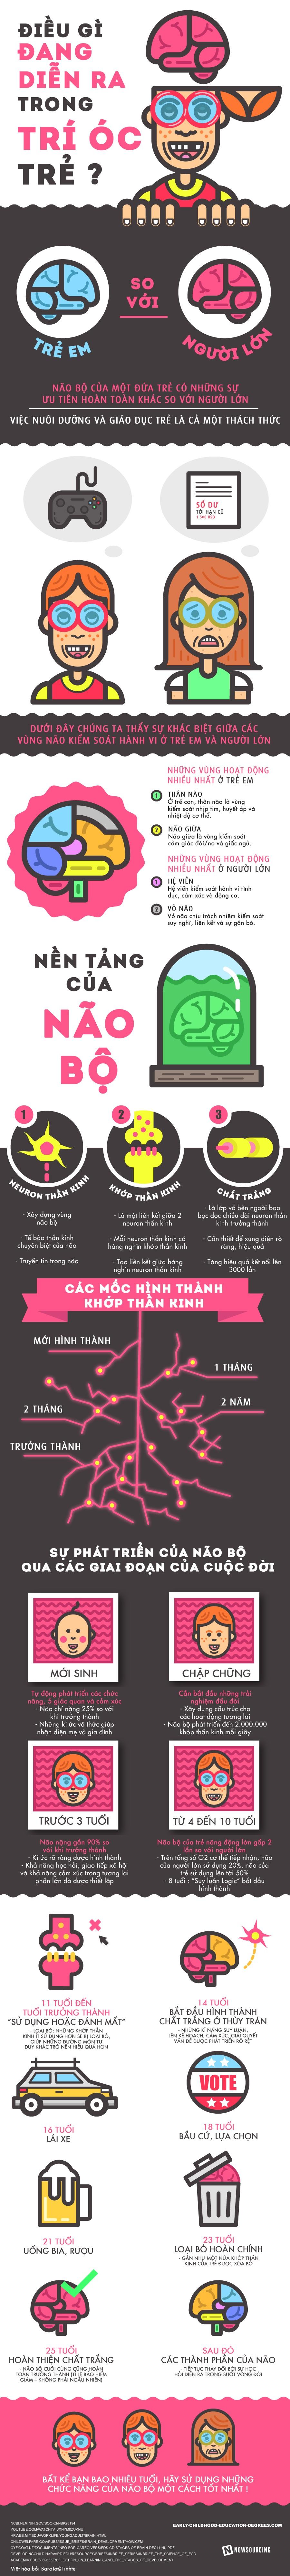 Infographic - Trẻ Em Đang Suy Nghĩ Gì Trong Đầu